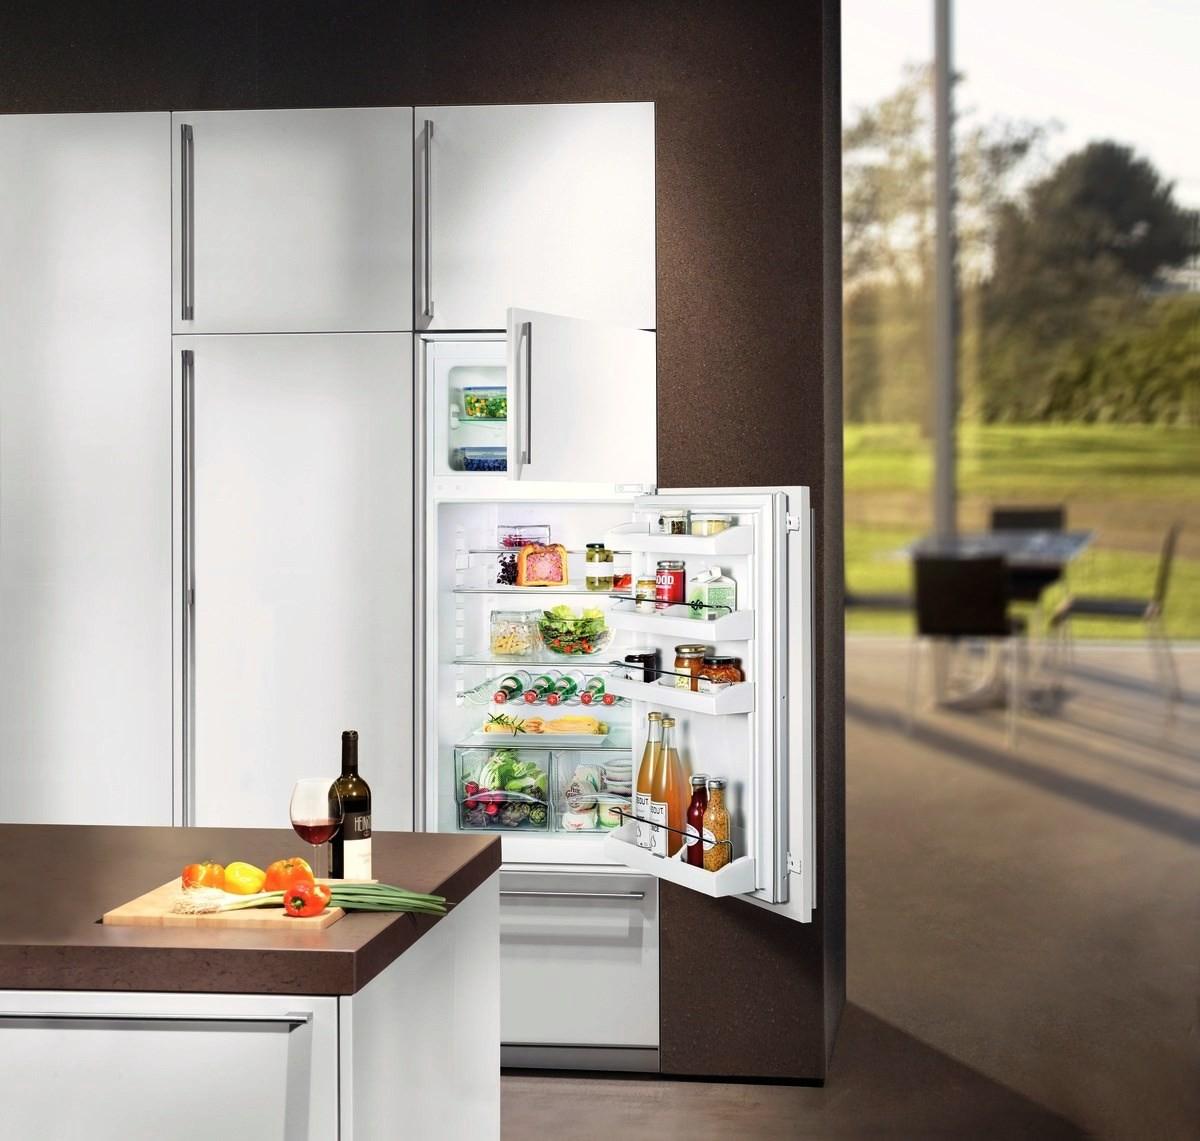 купить Встраиваемый двухкамерный холодильник Liebherr ICTS 2221 Украина фото 3